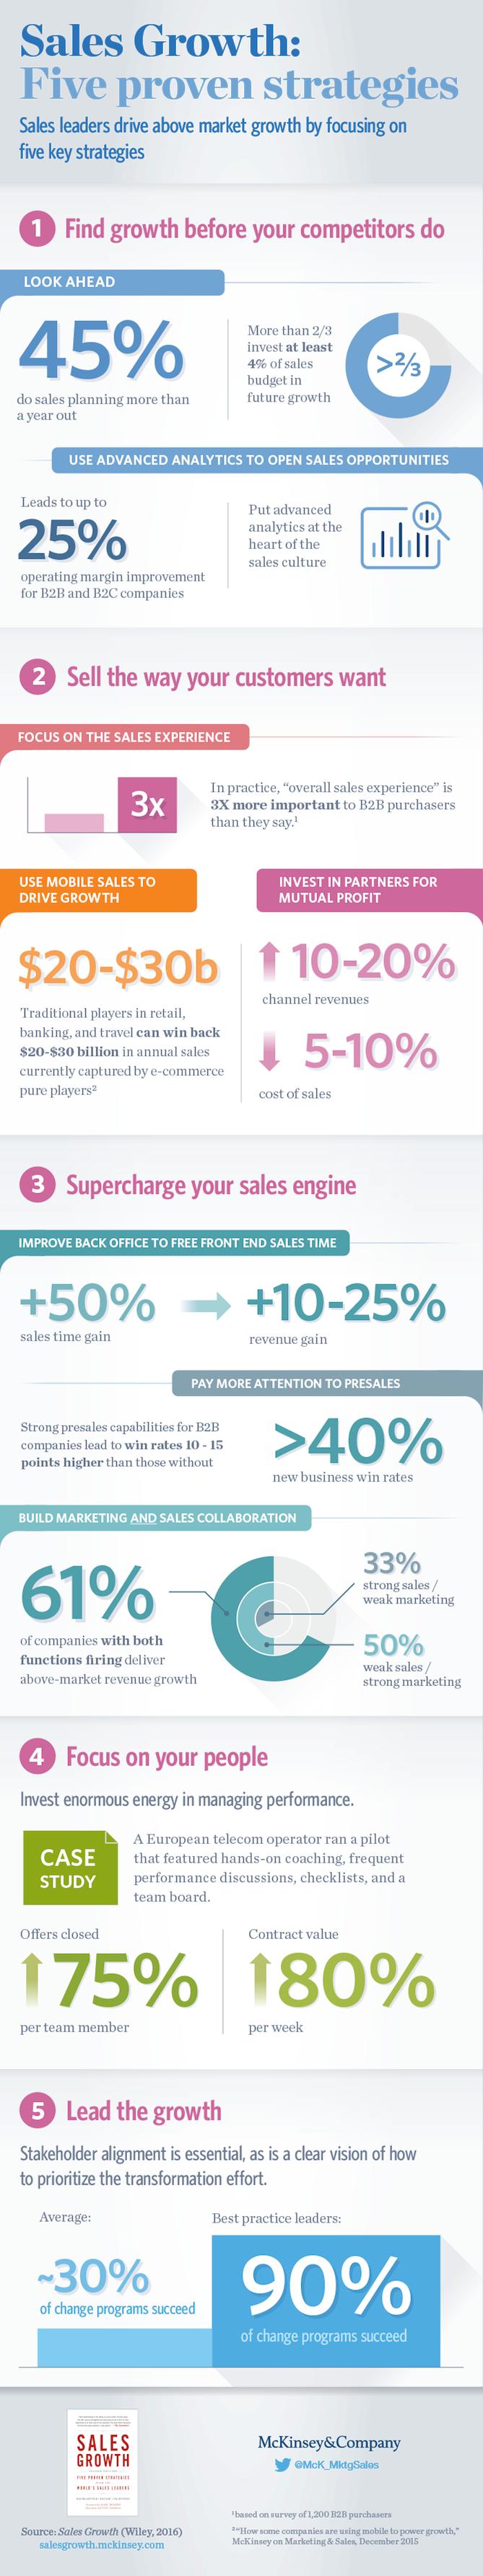 sales-strategies-mckinsey.png